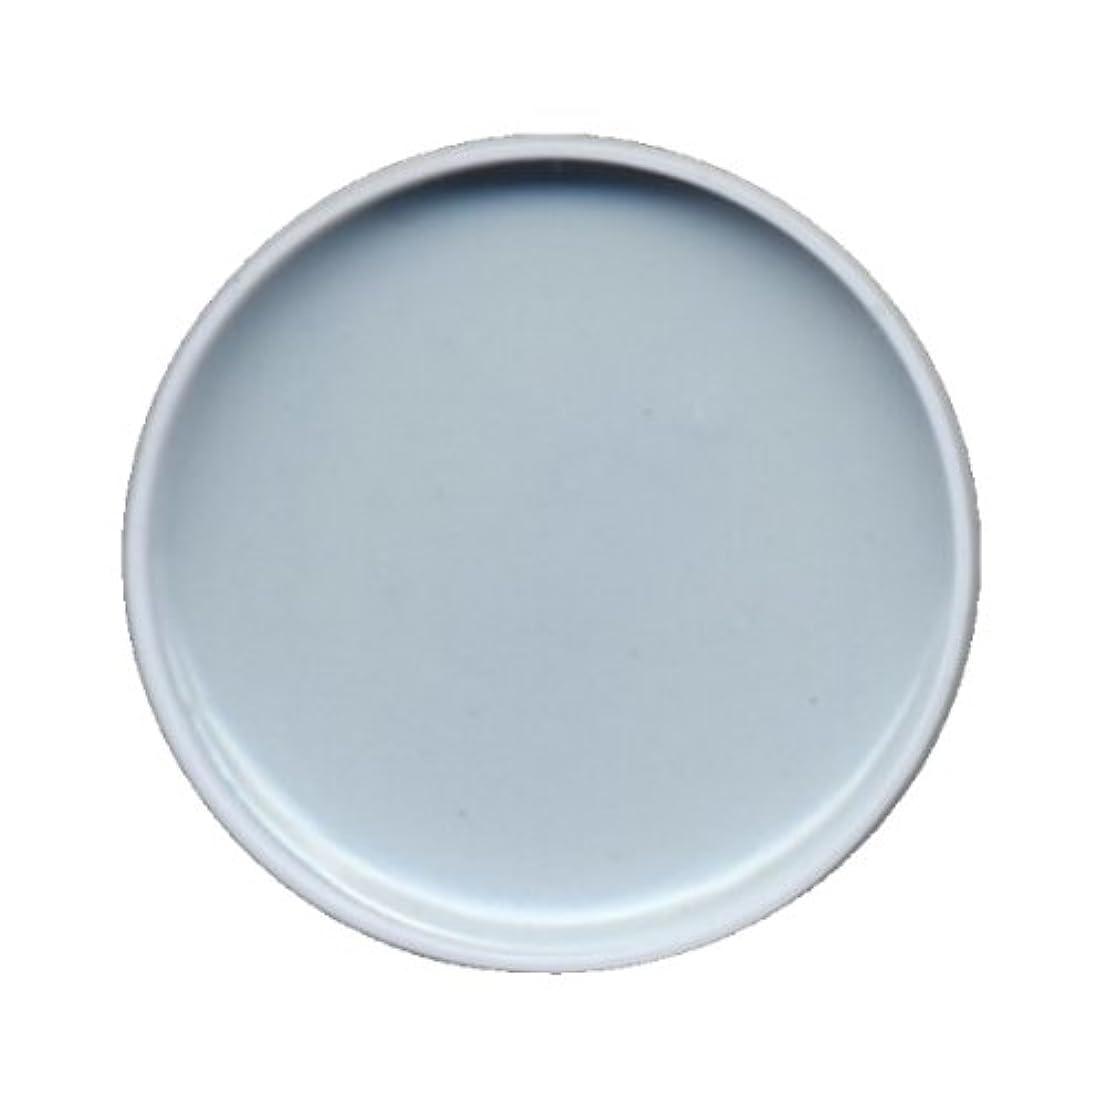 討論サーバ外側(3 Pack) mehron Color Cups Face and Body Paint - Moonlight White (並行輸入品)